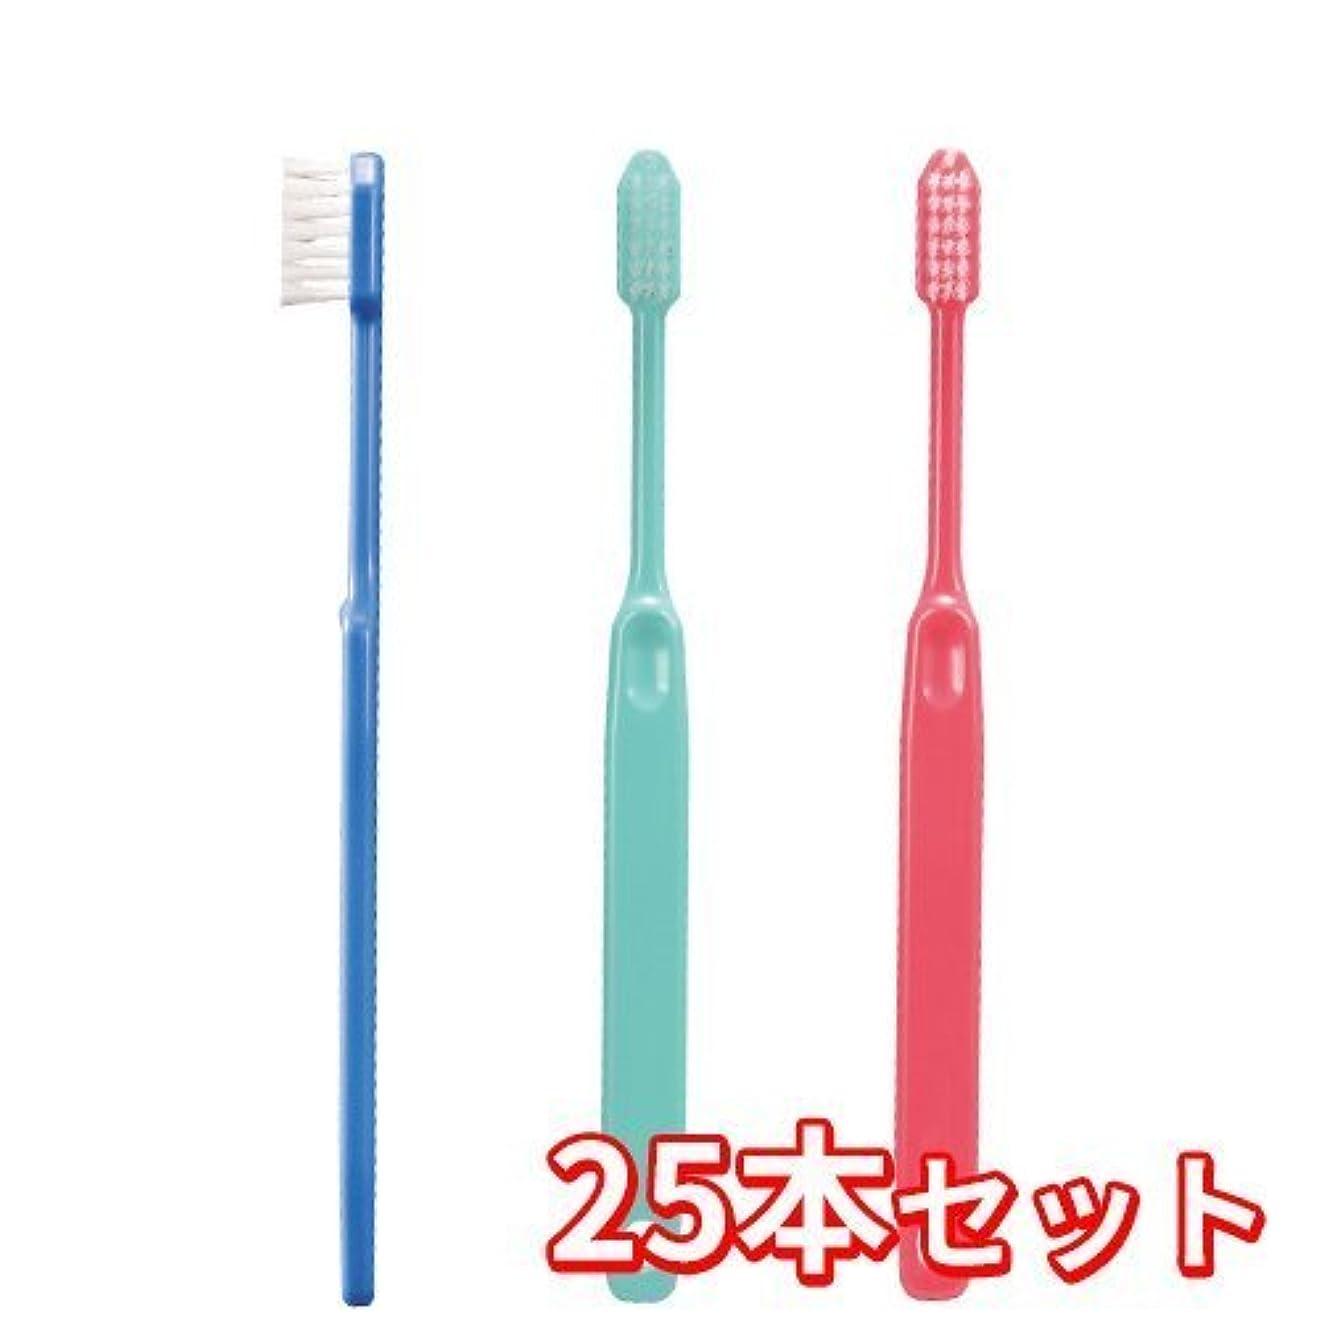 懐疑的西瞑想的Ciメディカル 歯ブラシ コンパクトヘッド 疎毛タイプ アソート 25本 (Ci25(やわらかめ))